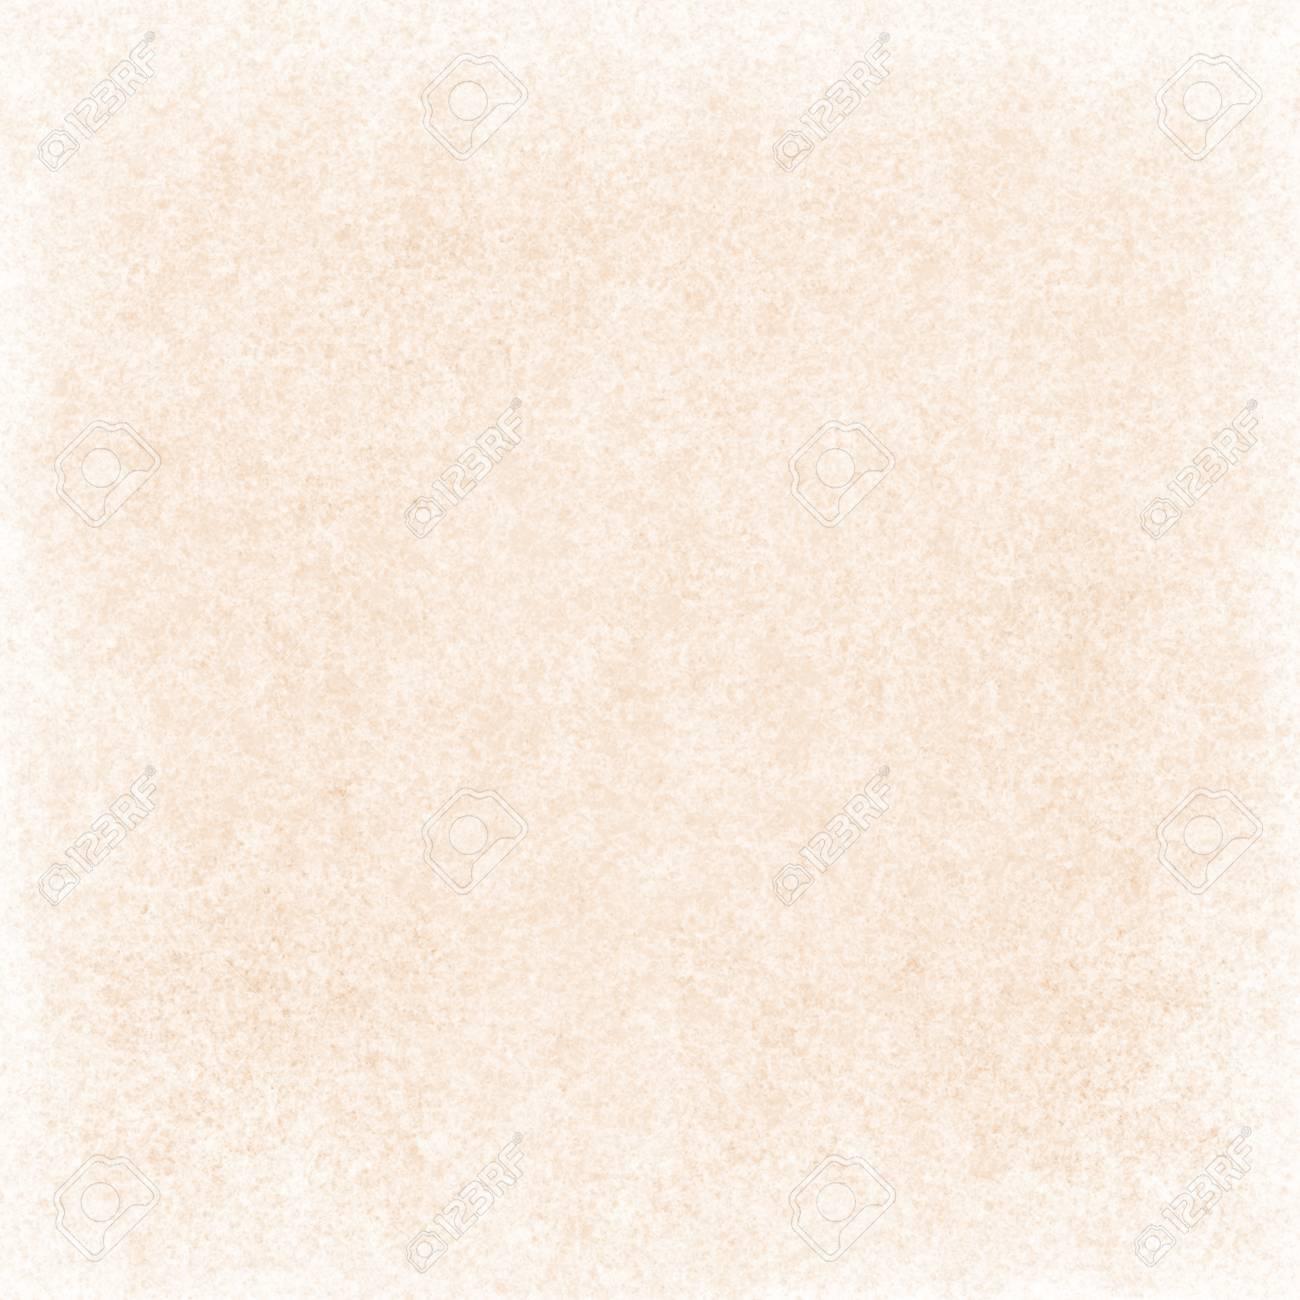 Vieux Fond De Papier Blanc Avec Texture Grunge Vintage Couleur De